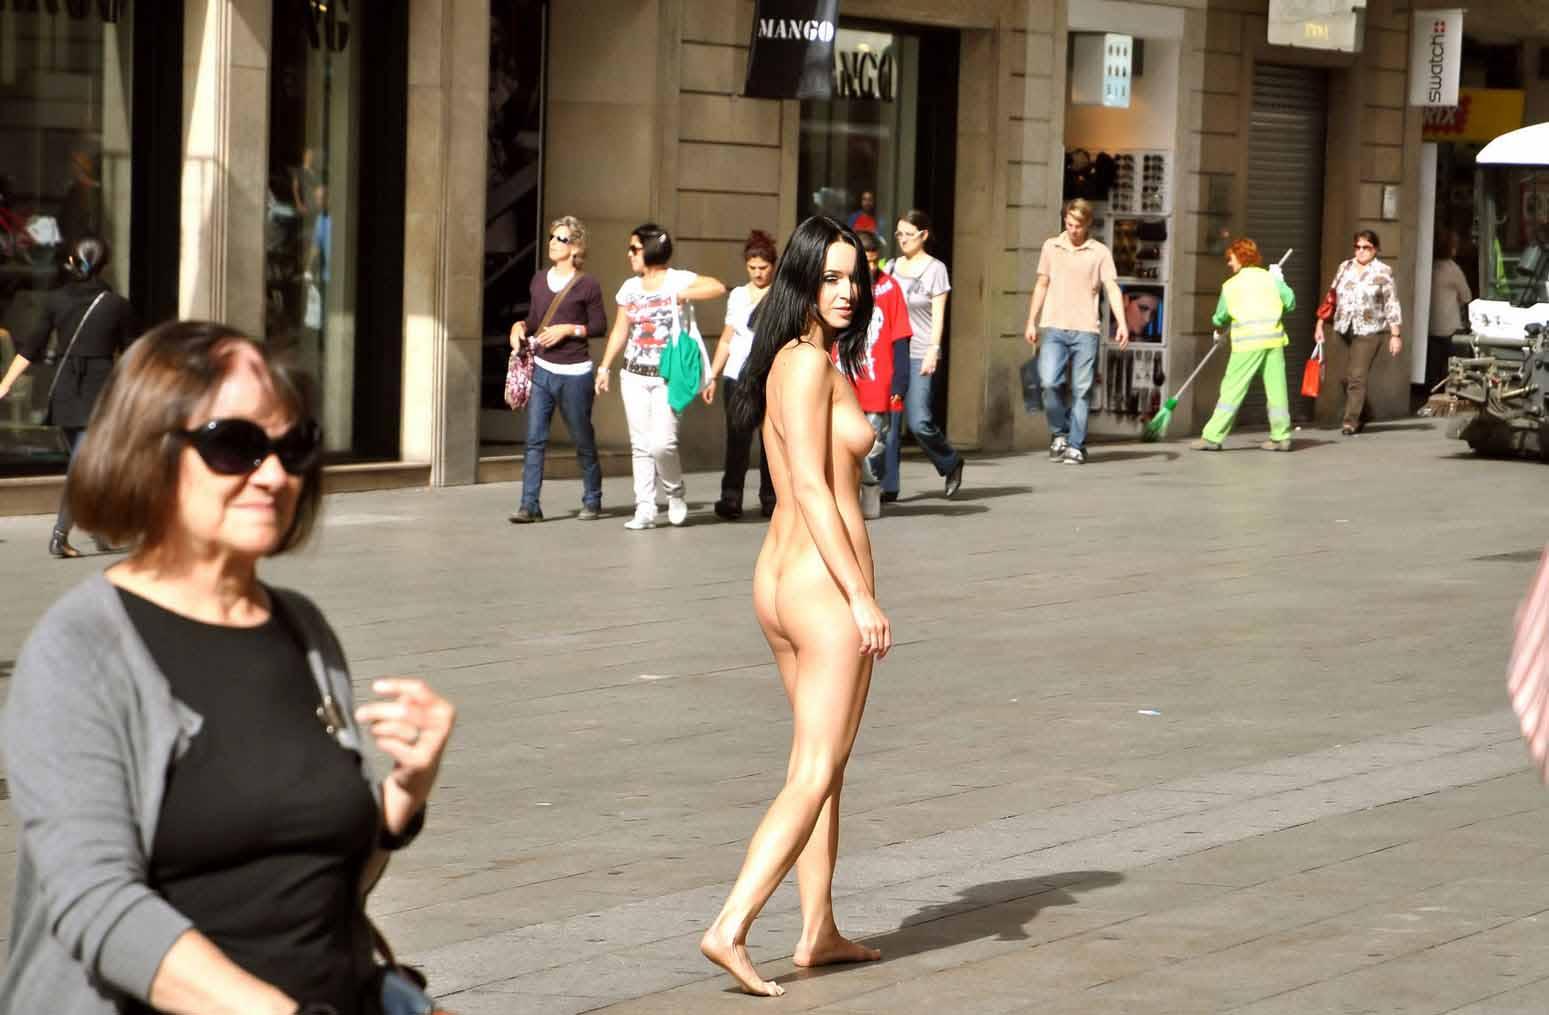 Mujeres Desnudas Por Las Calles Porno chicas cubanas desnudas hot naked babes | free hot nude porn